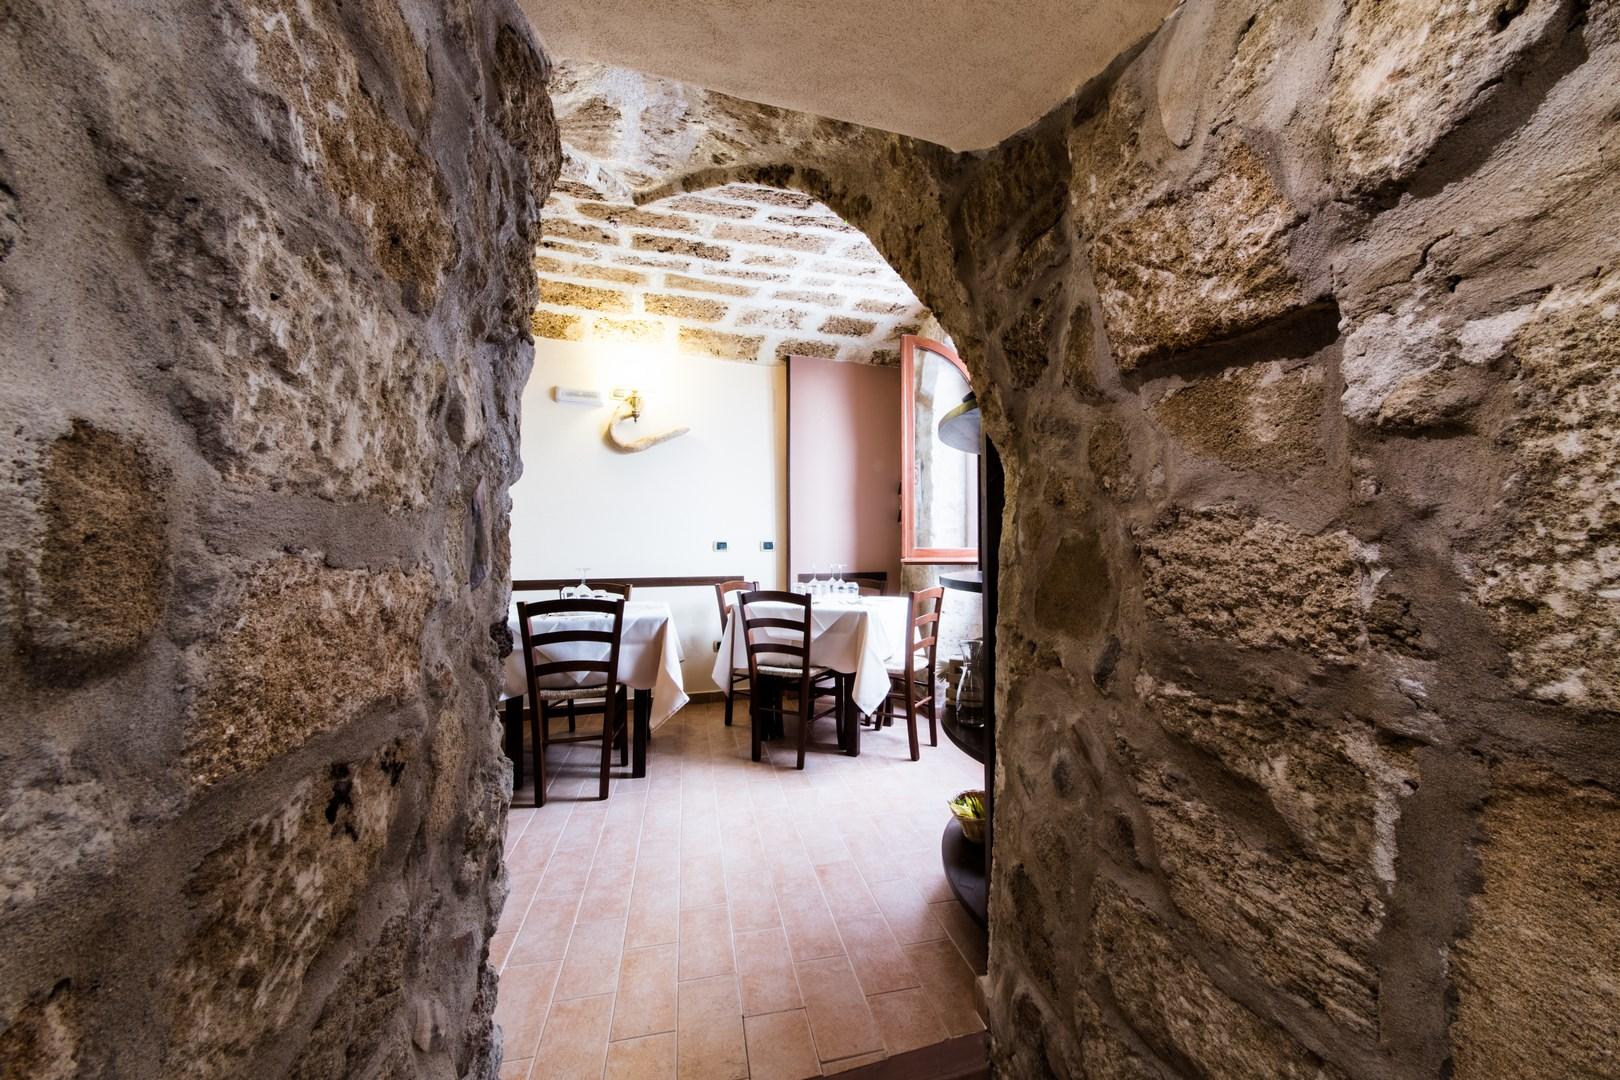 Ristorante Gioberti nel centro storico di Alghero